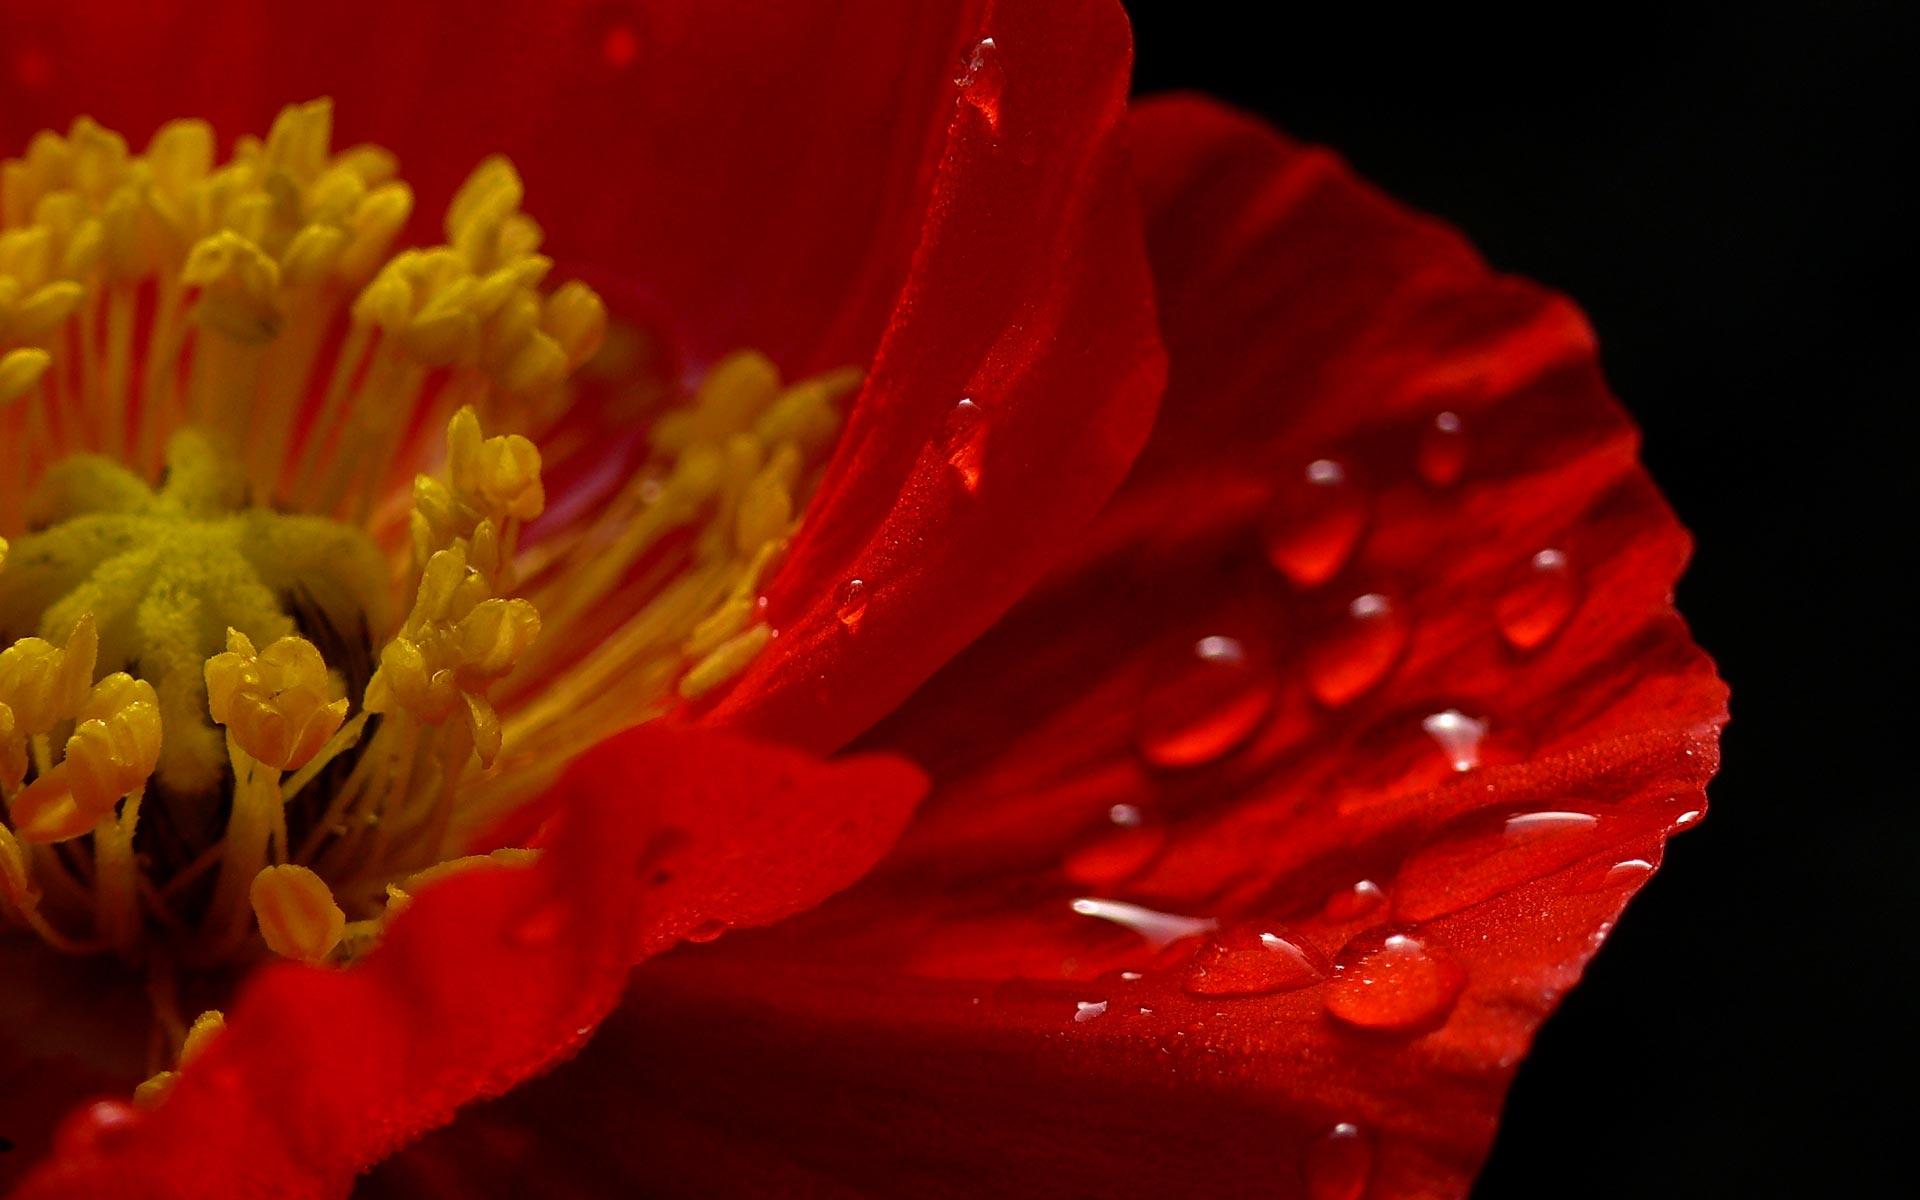 фото красный цветок на черном фоне вот наверно